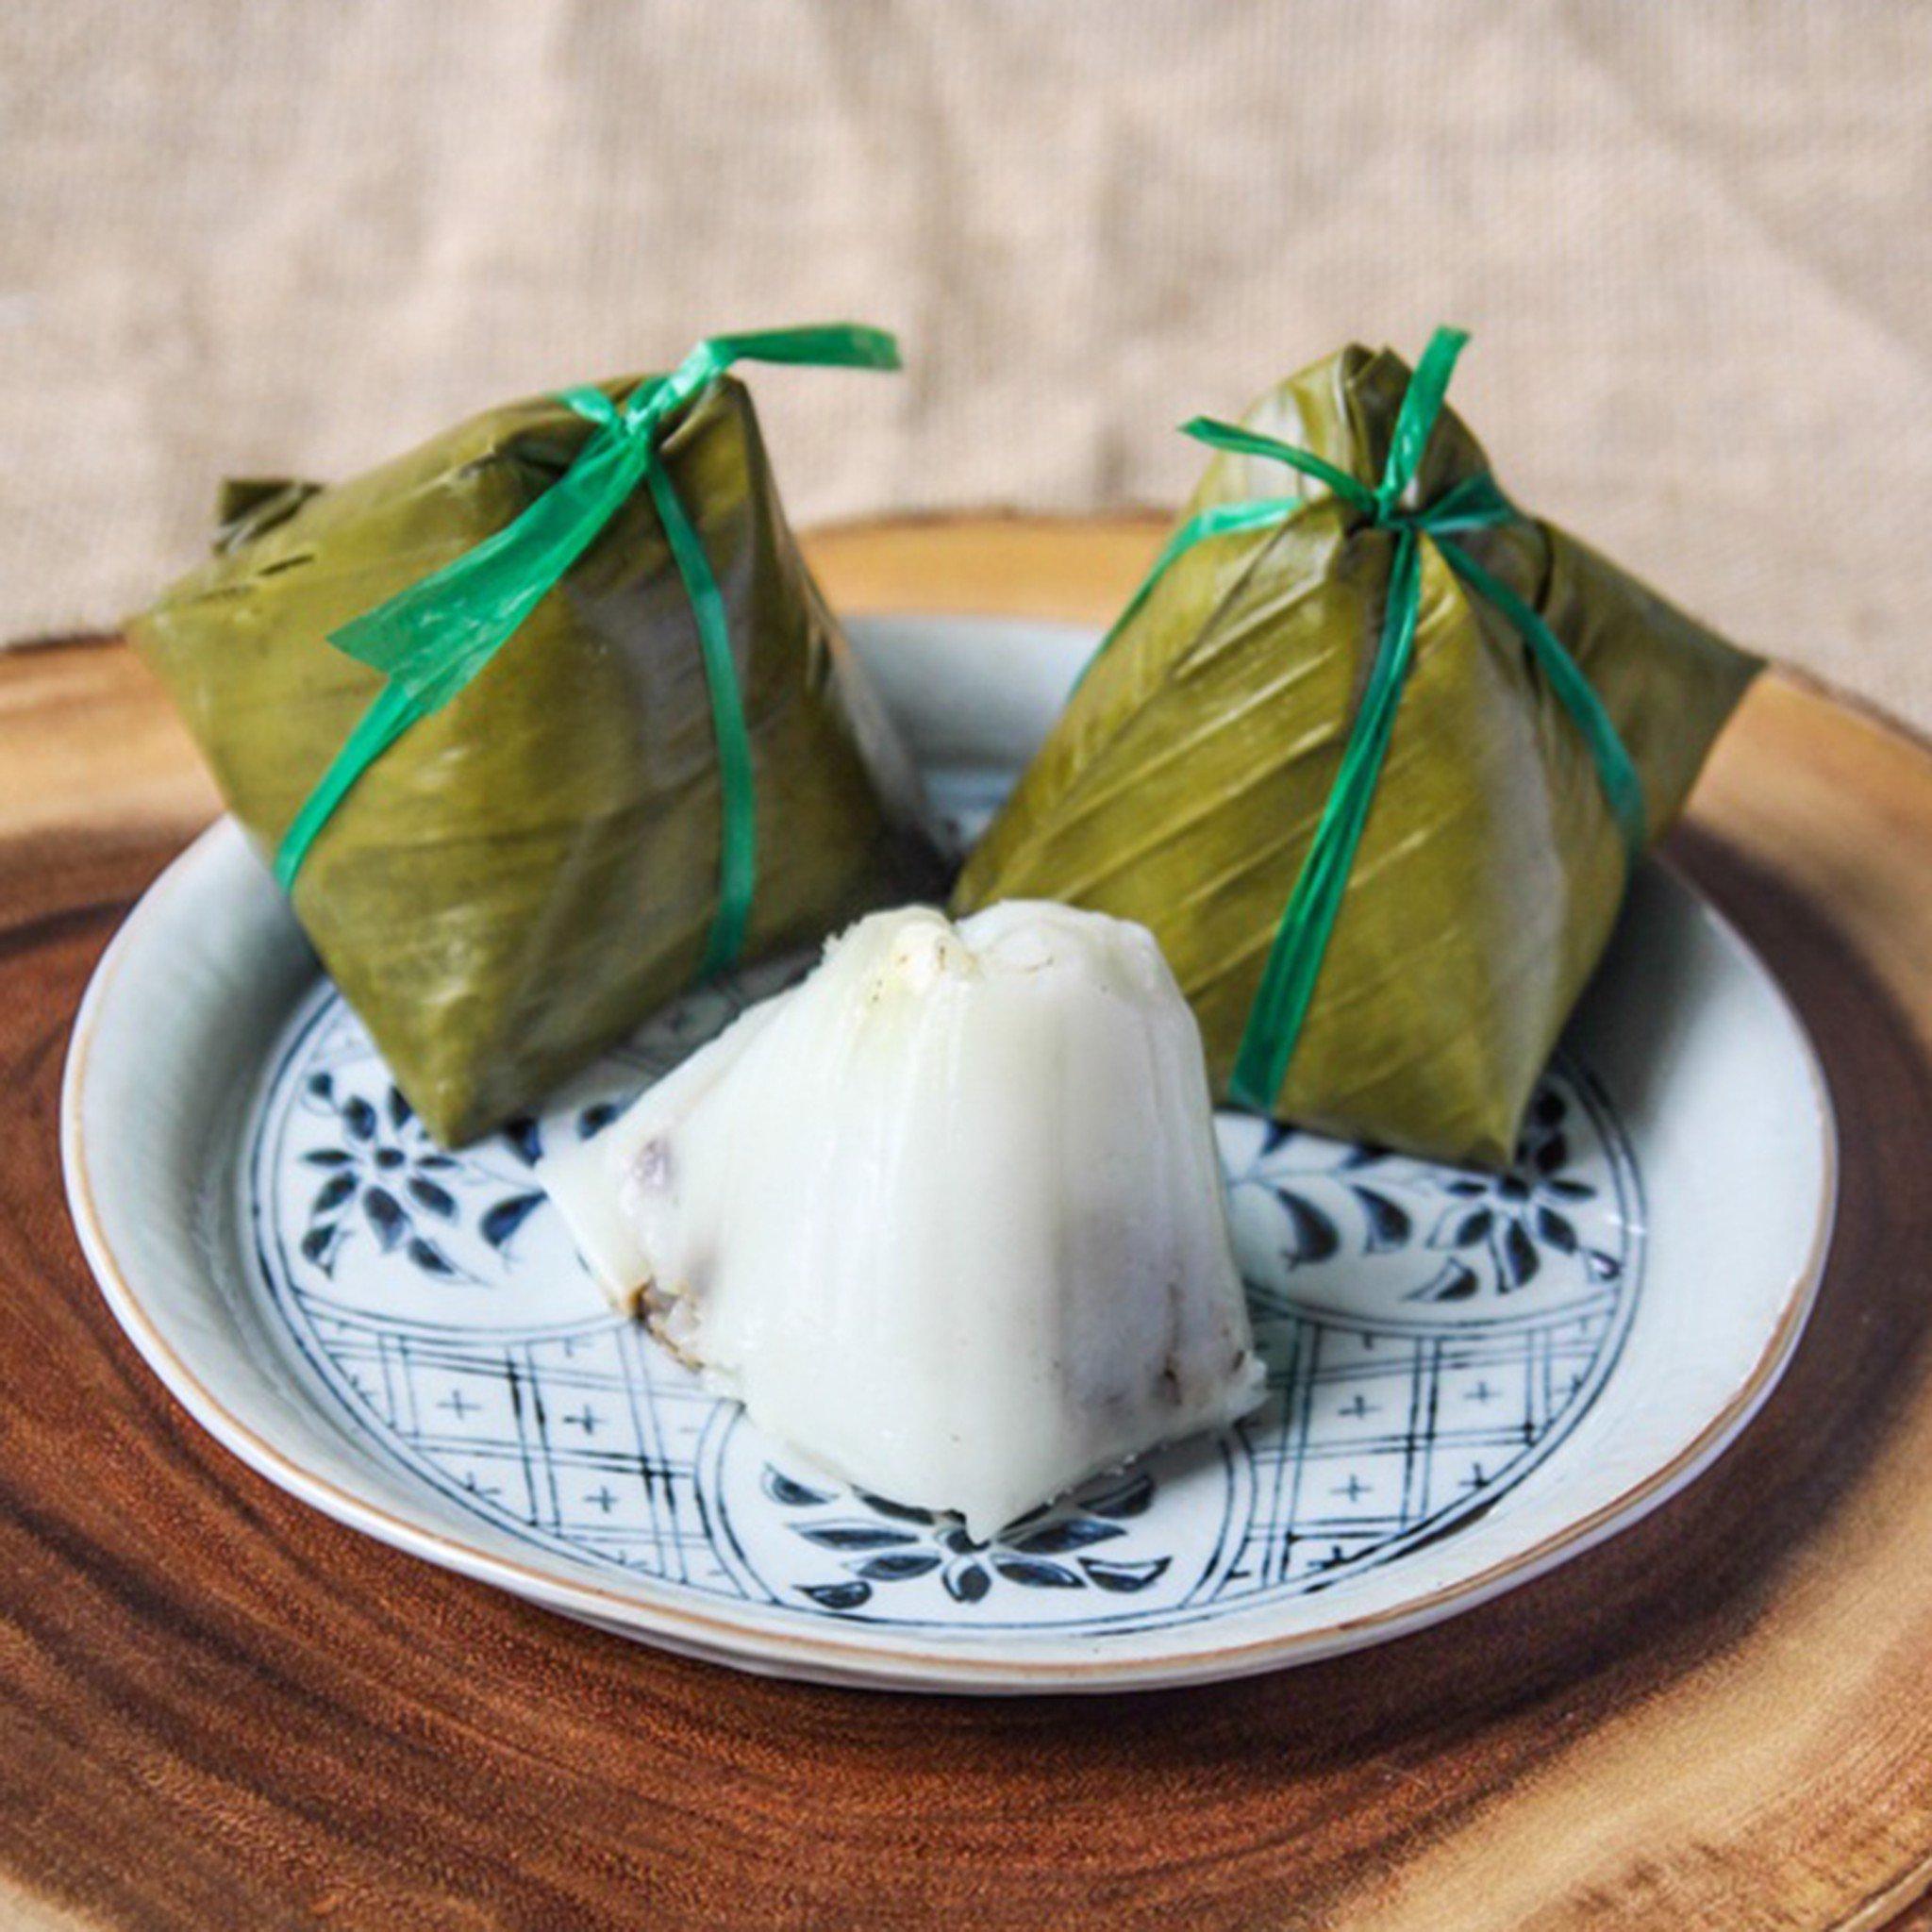 những món bánh truyền thống 18 những món bánh truyền thống Những món bánh truyền thống cực ngon và cách làm đơn giản nhung mon banh truyen thong 18